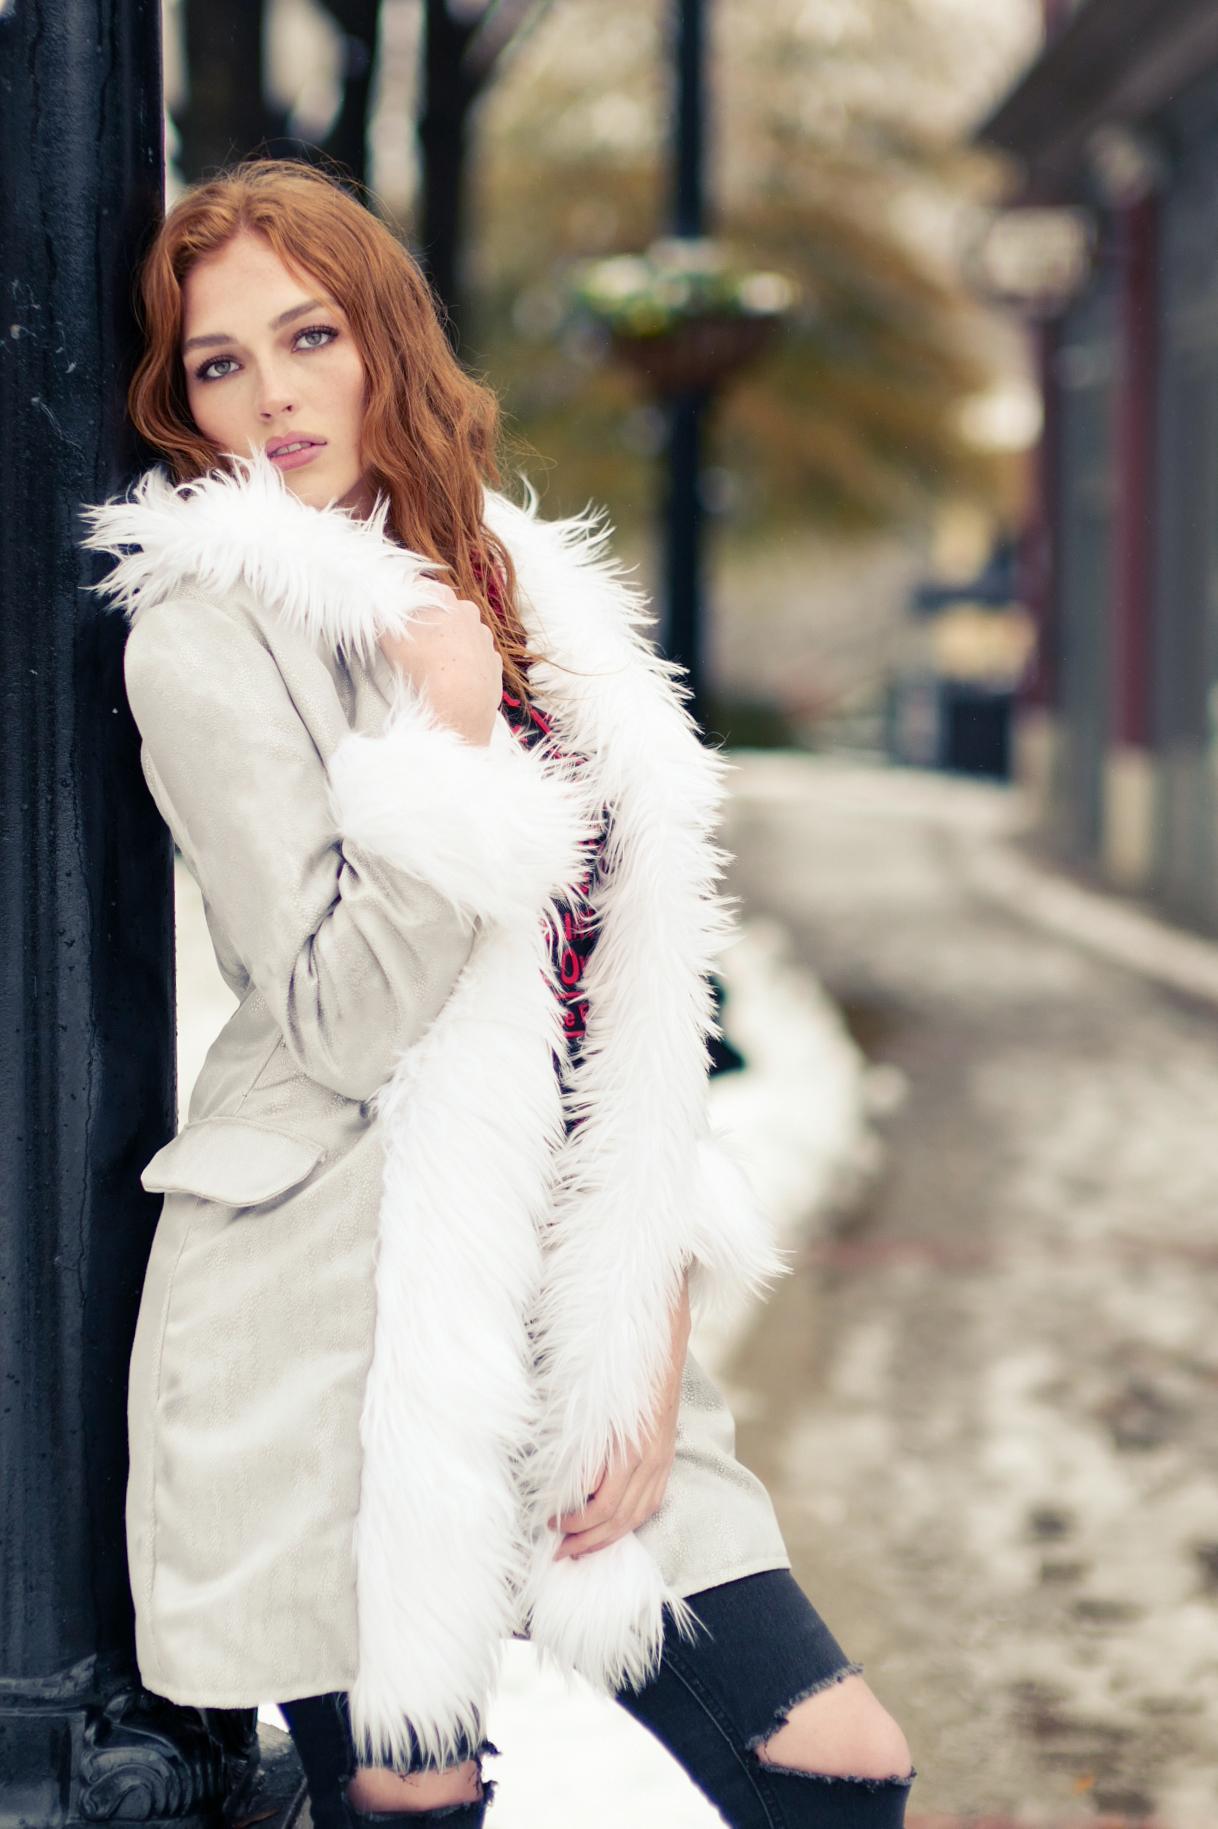 Model: Riley Spearman